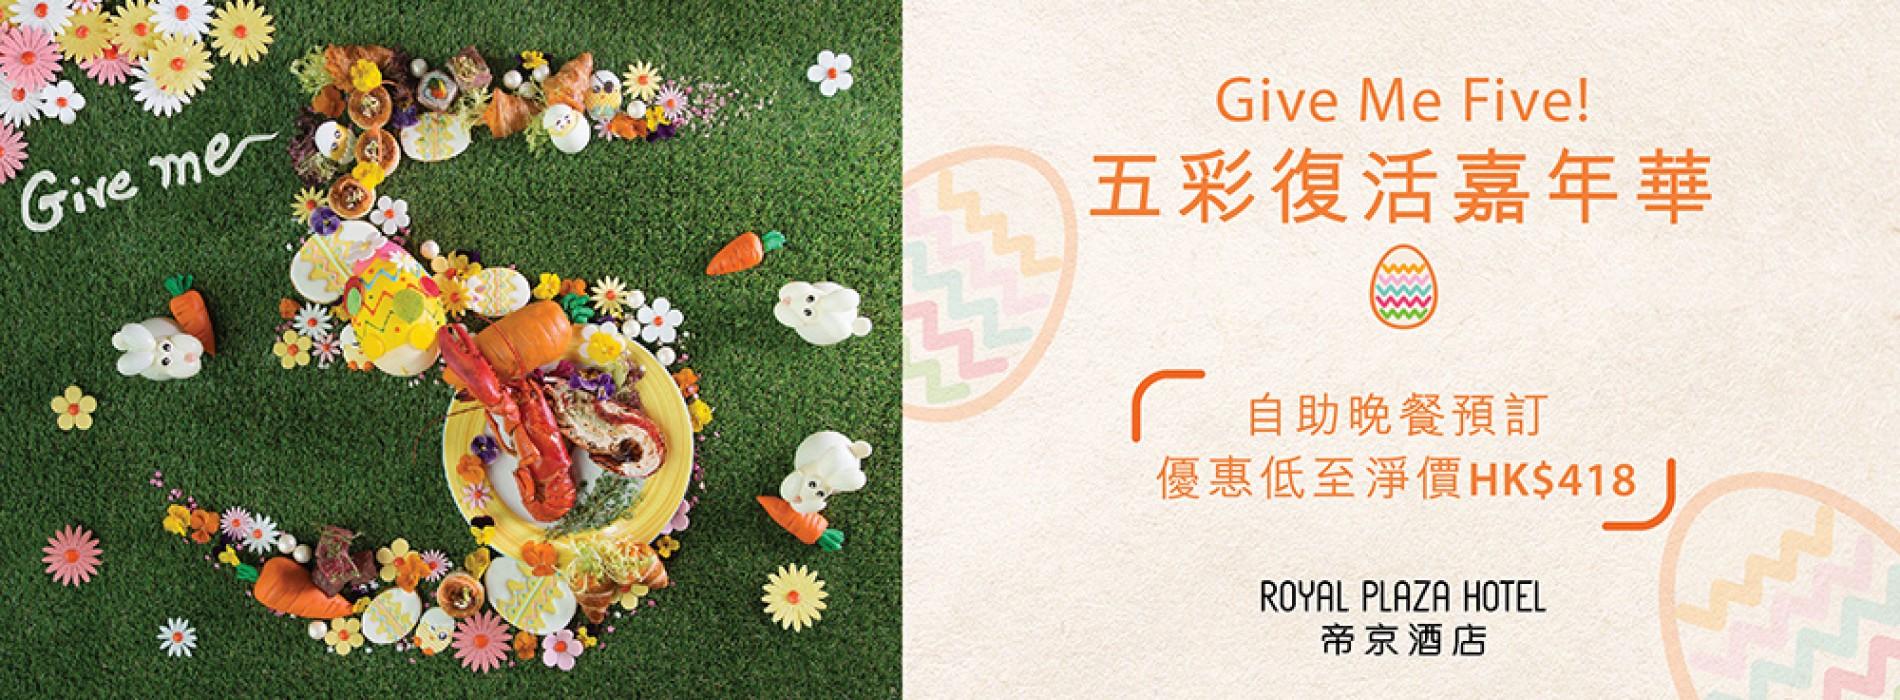 送總值HK$4,863 帝京酒店「Give Me Five! 復活節自助晚餐」